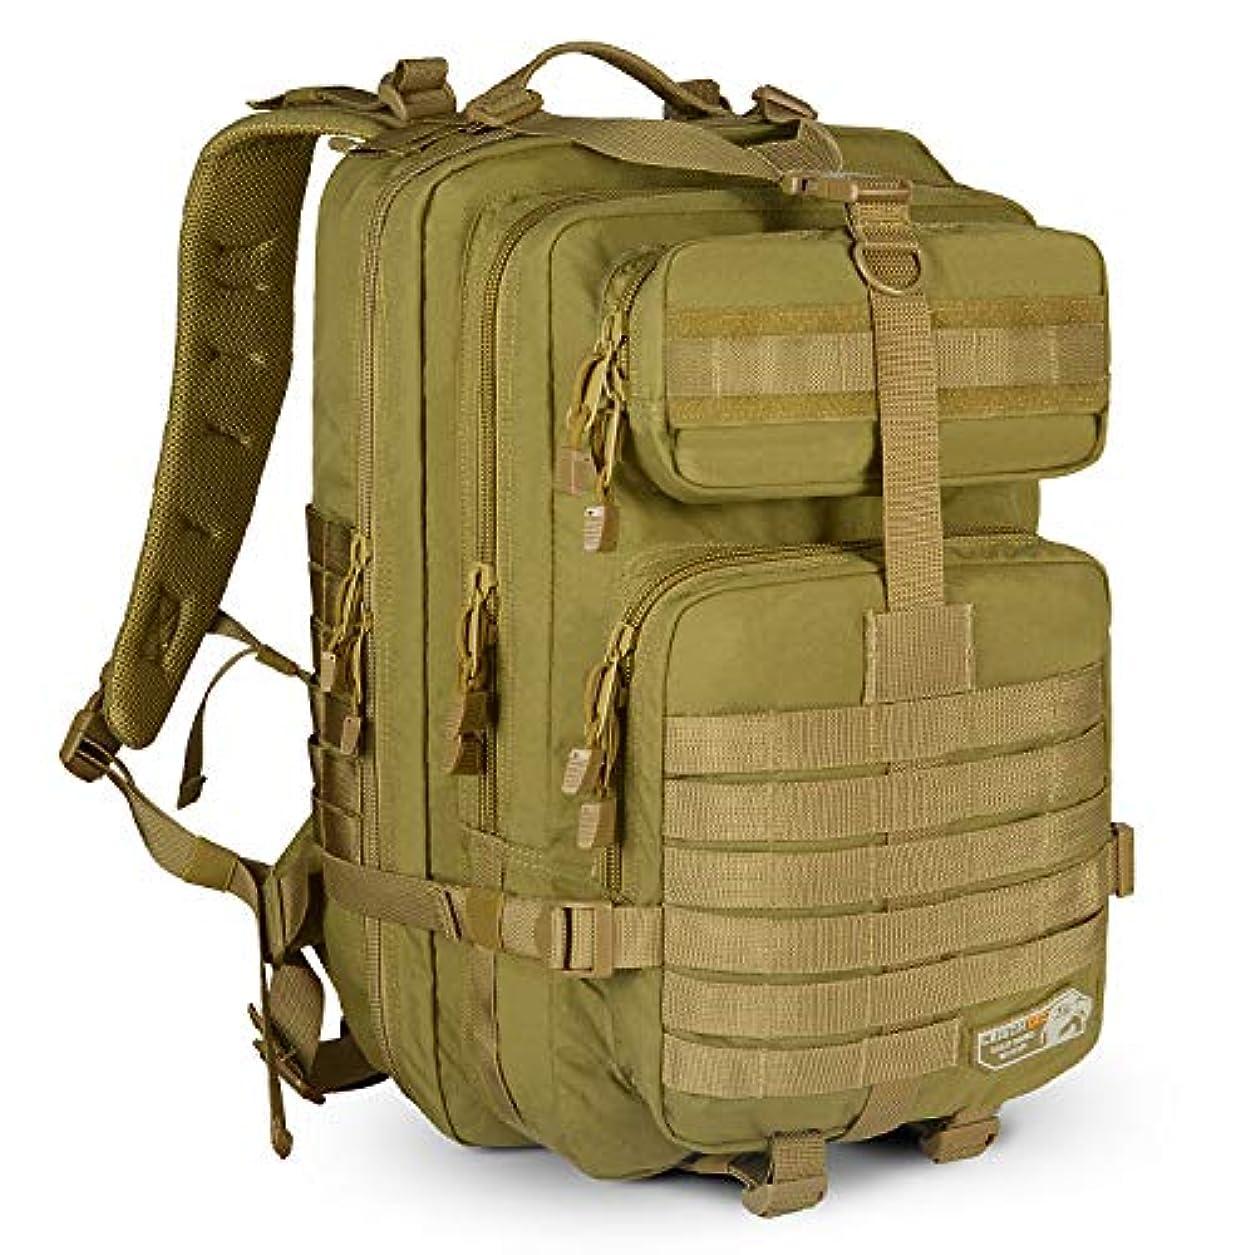 ミリメーターベリ間違いなくSunsion MTB-130 ミリタリータクティカルアサルトバックパック ハイキングバッグ 超防水 リュックサック MOLLEバグアウトバッグ 旅行 キャンプ トレッキング ハイキング用 43L